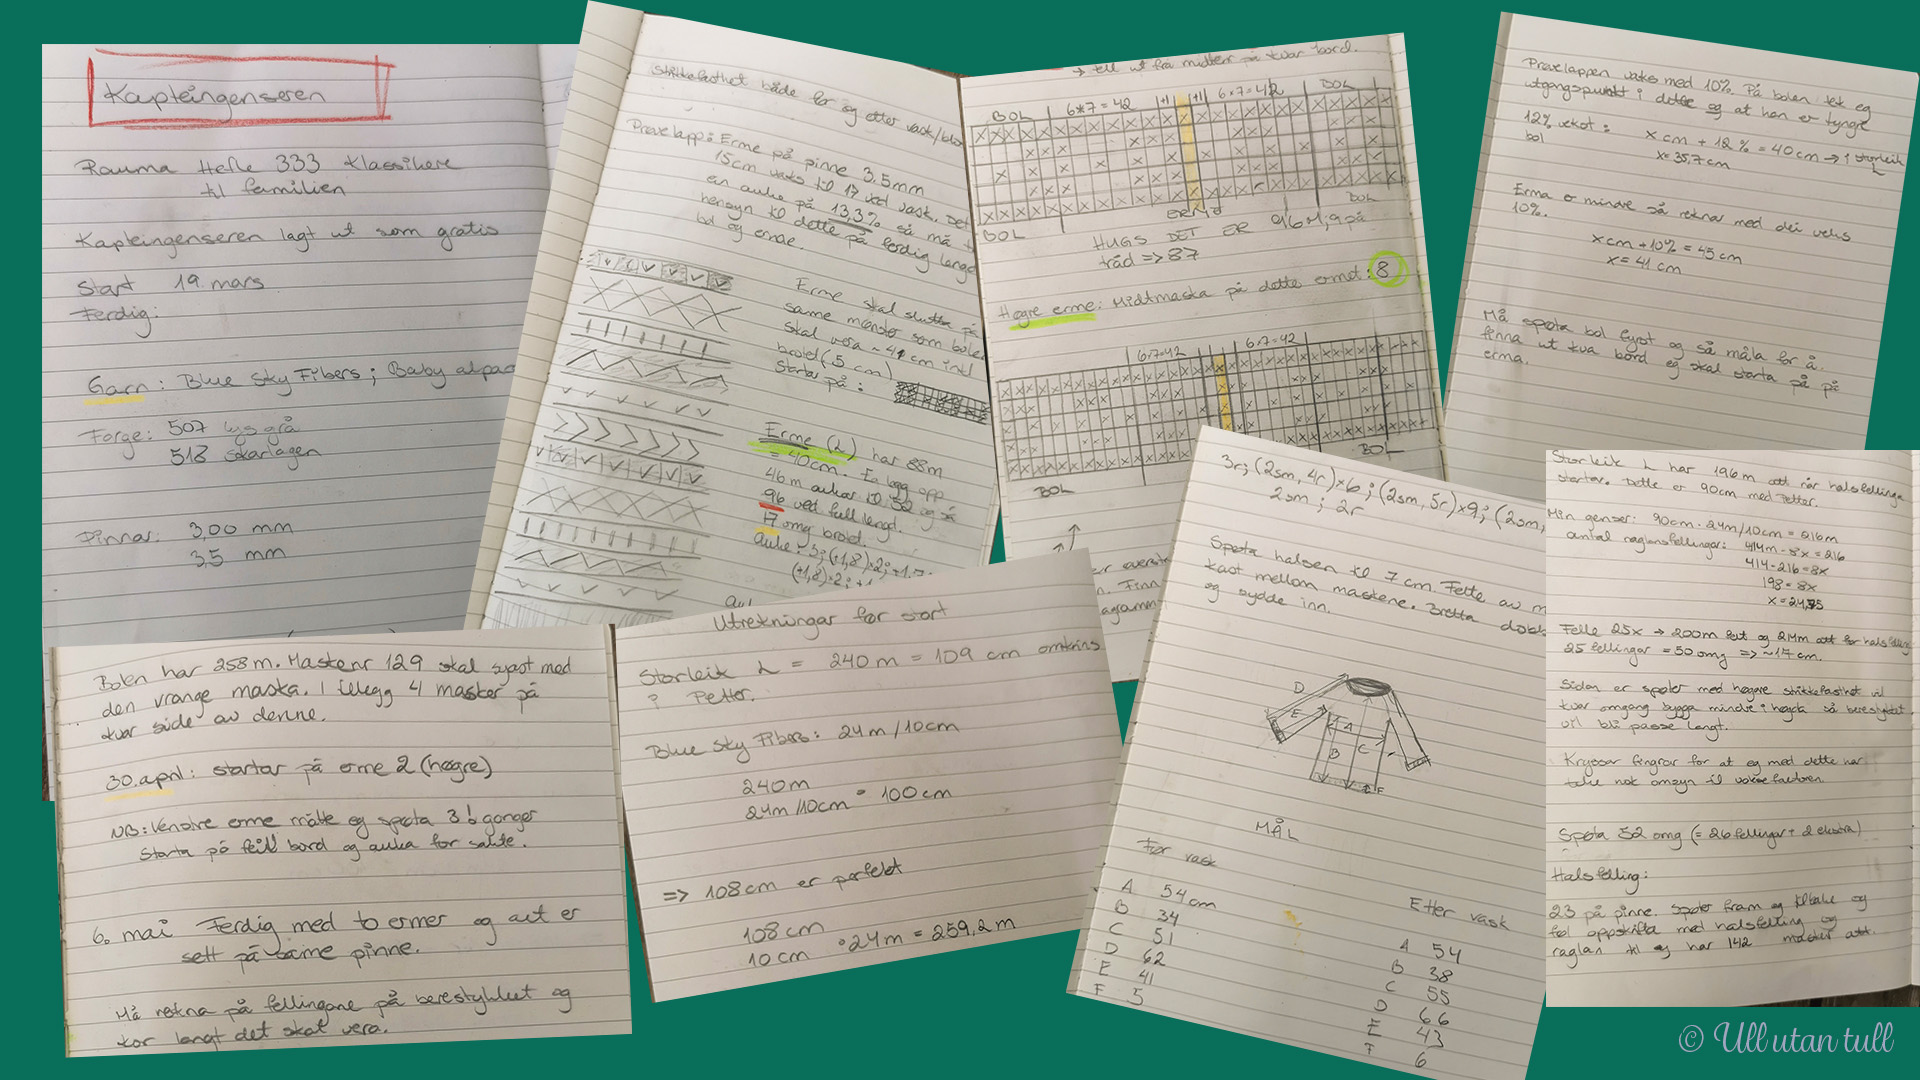 Samling av handskrivne notat